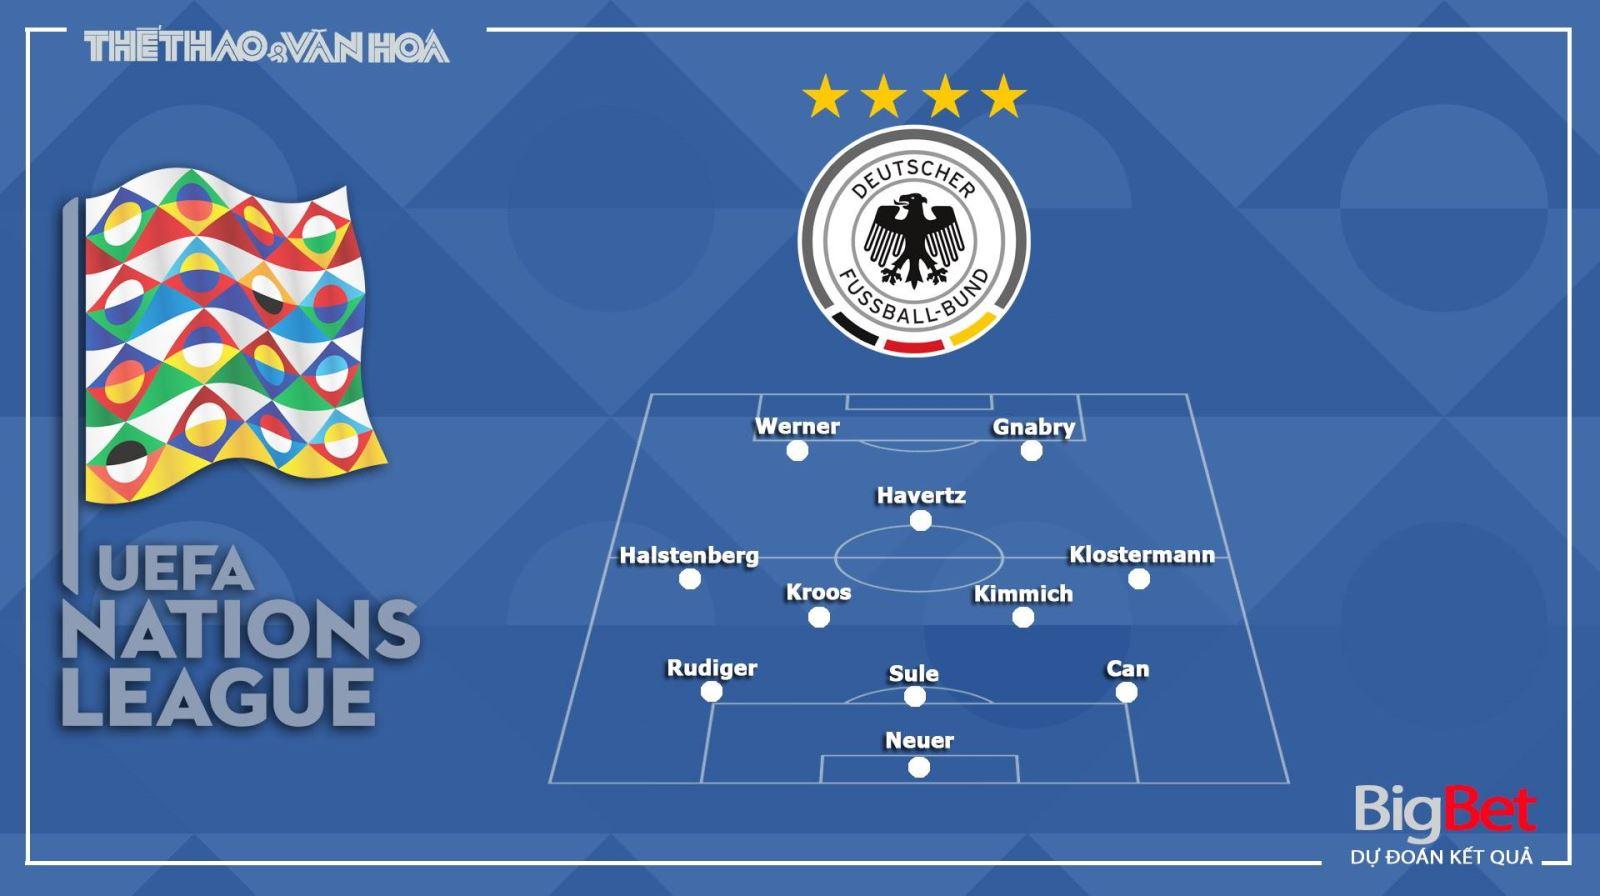 Đức vs Thụy Sĩ, Đức, Thuỵ Sĩ, trực tiếp Đức vs Thụy Sĩ, soi kèo Đức vs Thụy Sĩ, nhận định Đức vs Thụy Sĩ, dự đoán Đức vs Thụy Sĩ, kèo bóng đá